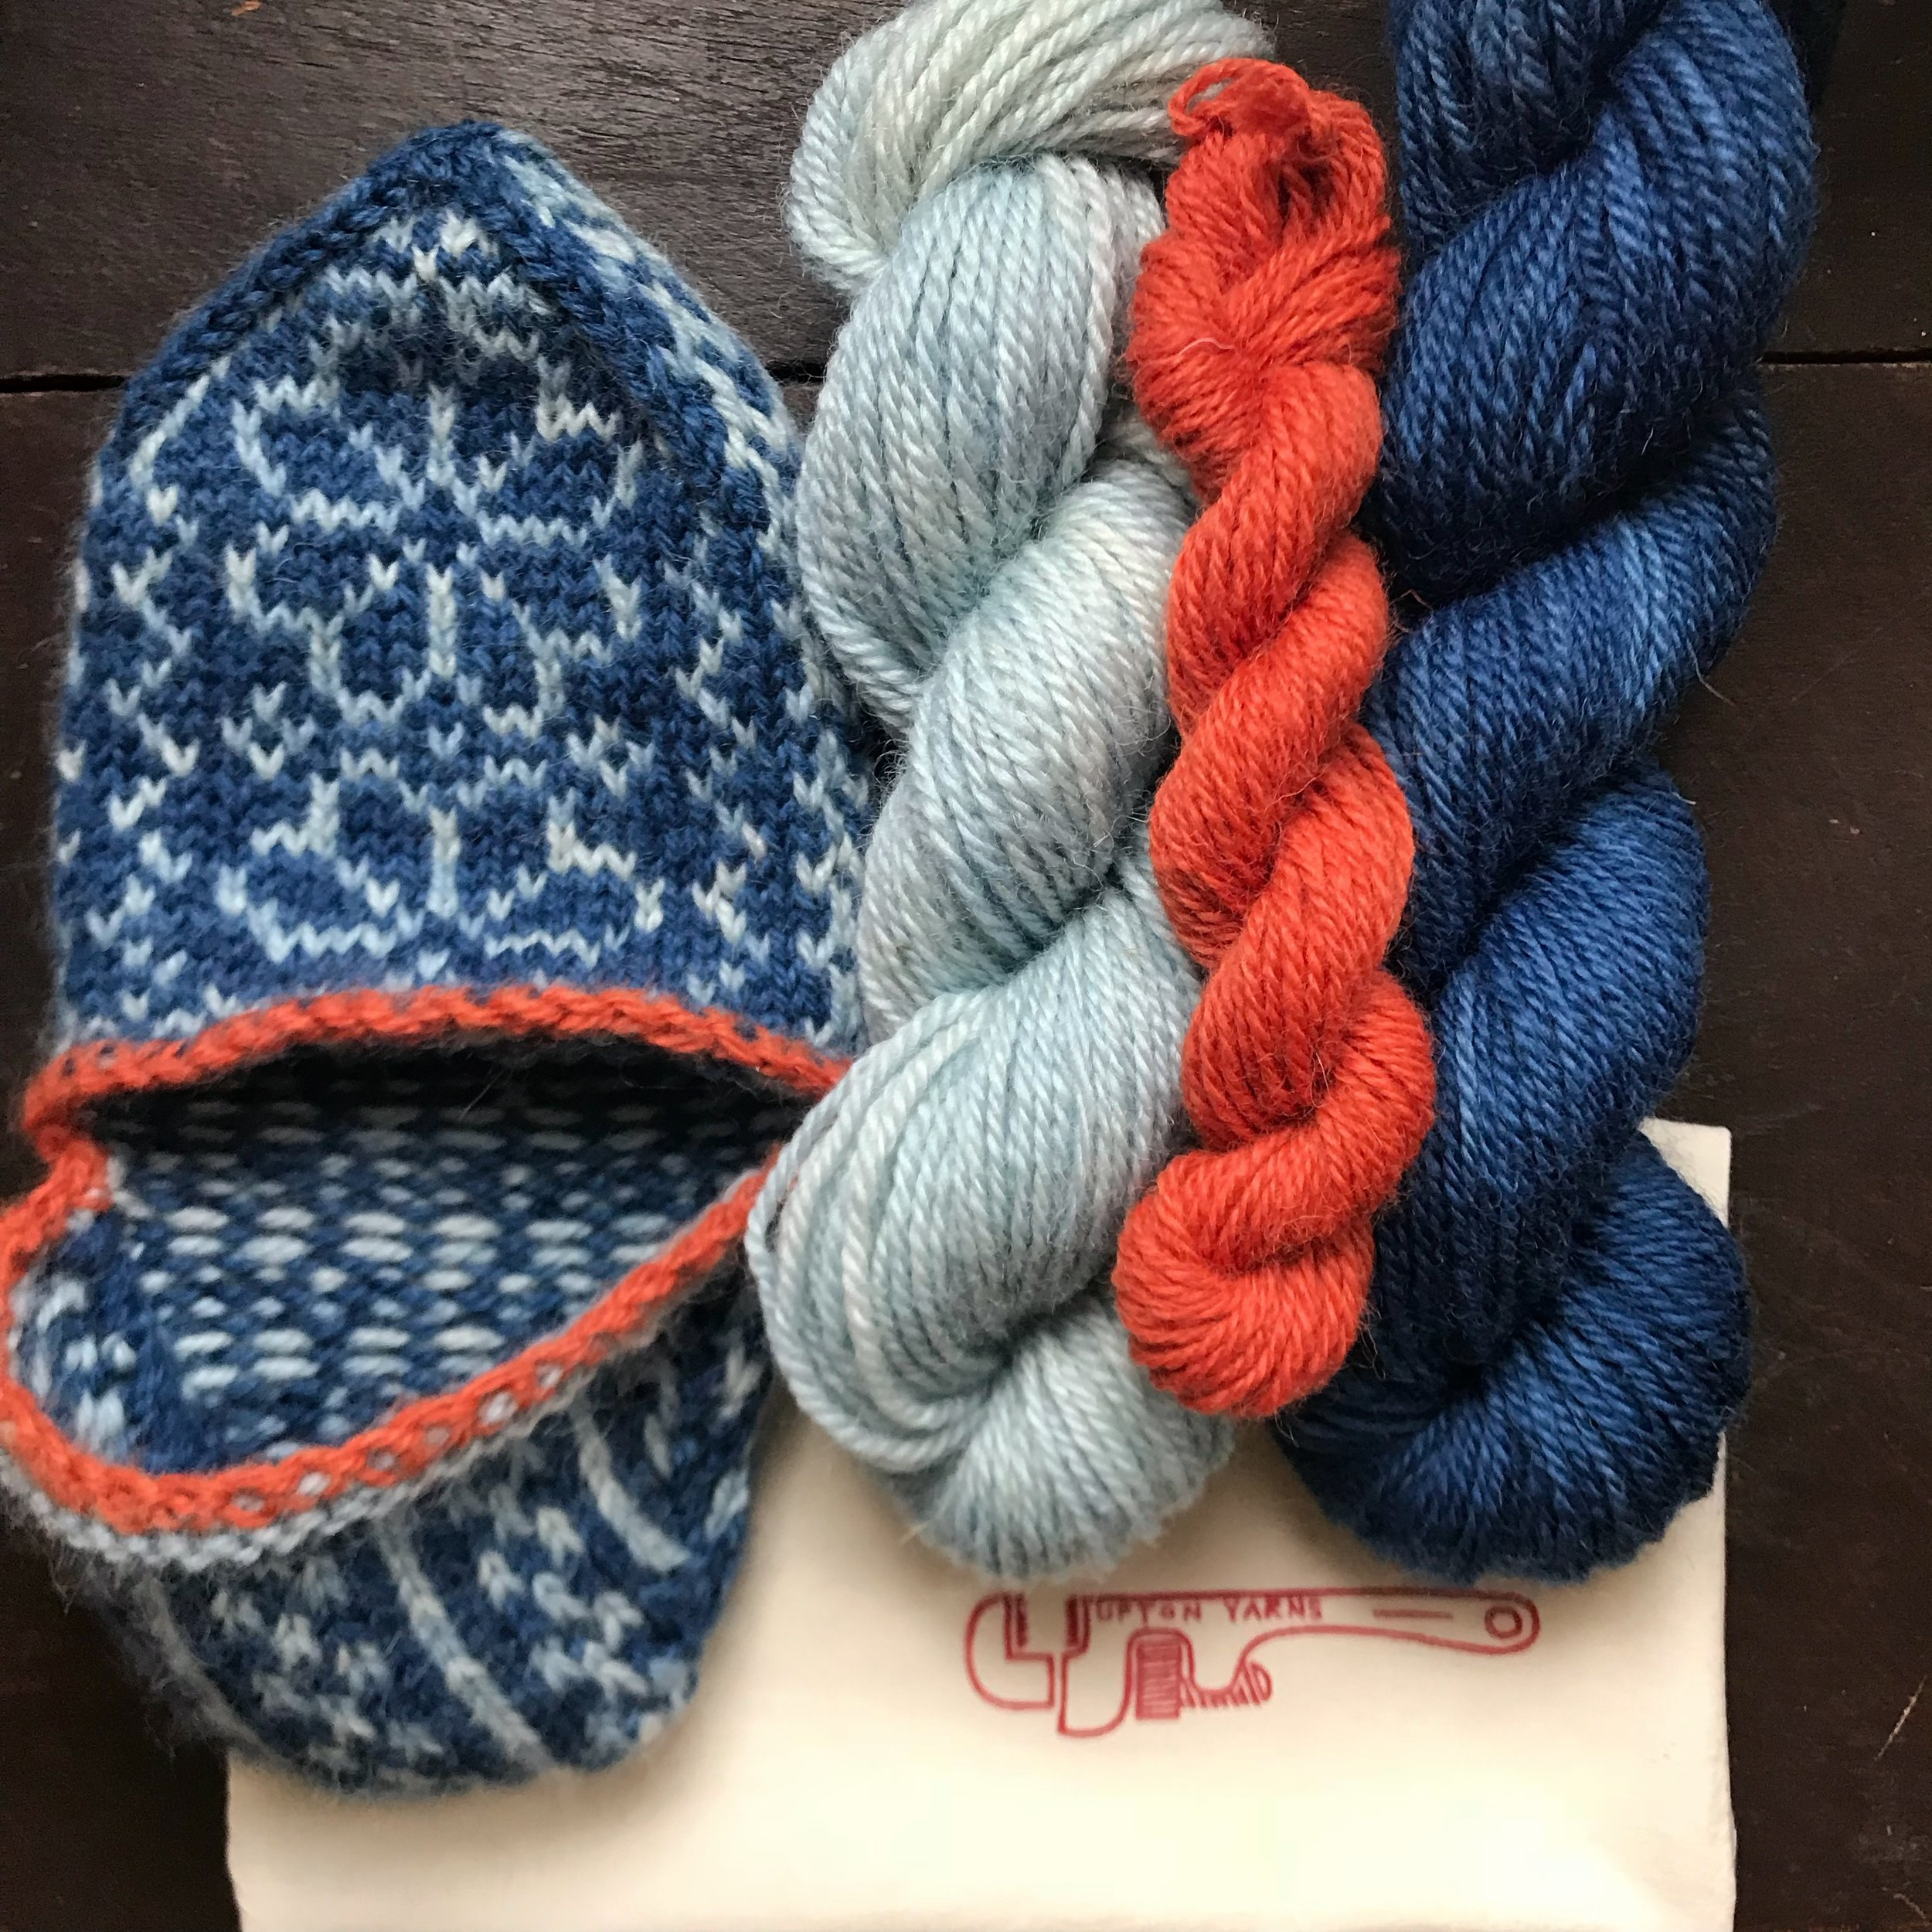 Yarn Kits - ….